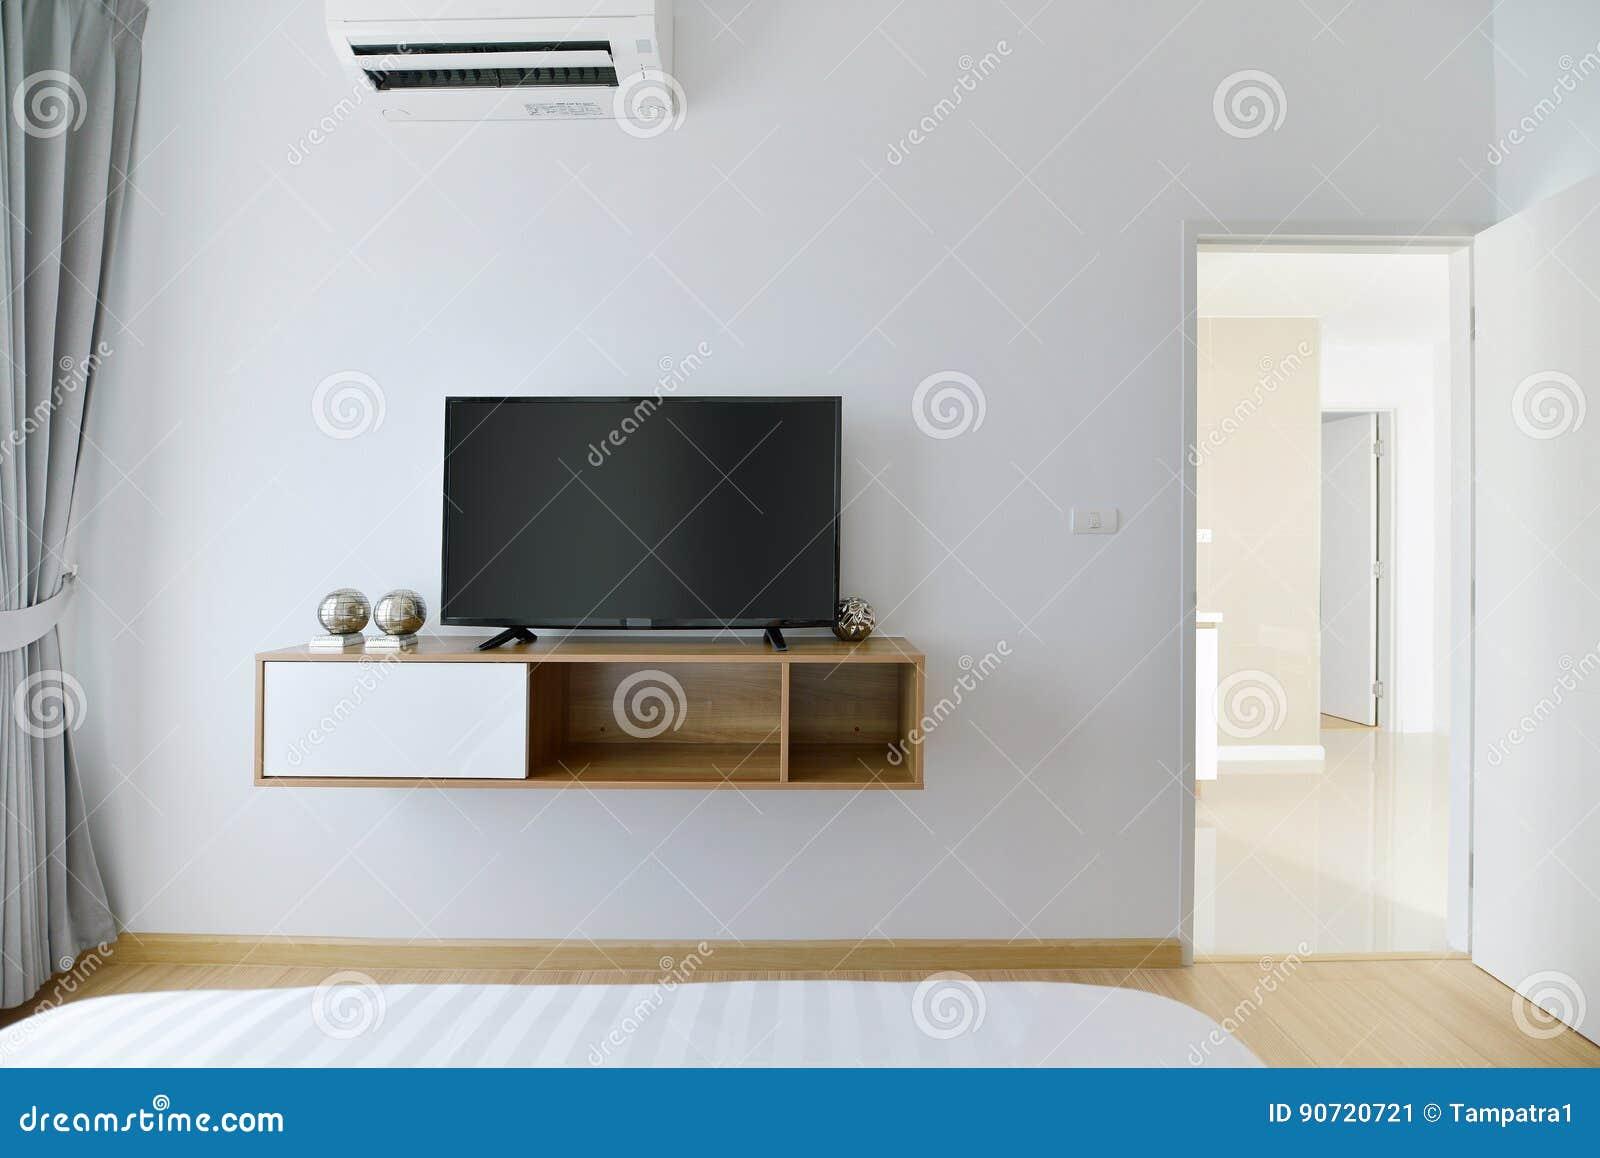 Chambre Coucher Vide Moderne Avec La Tv Men E Sur Le Mur Blanc  # Etagere Tv Bois